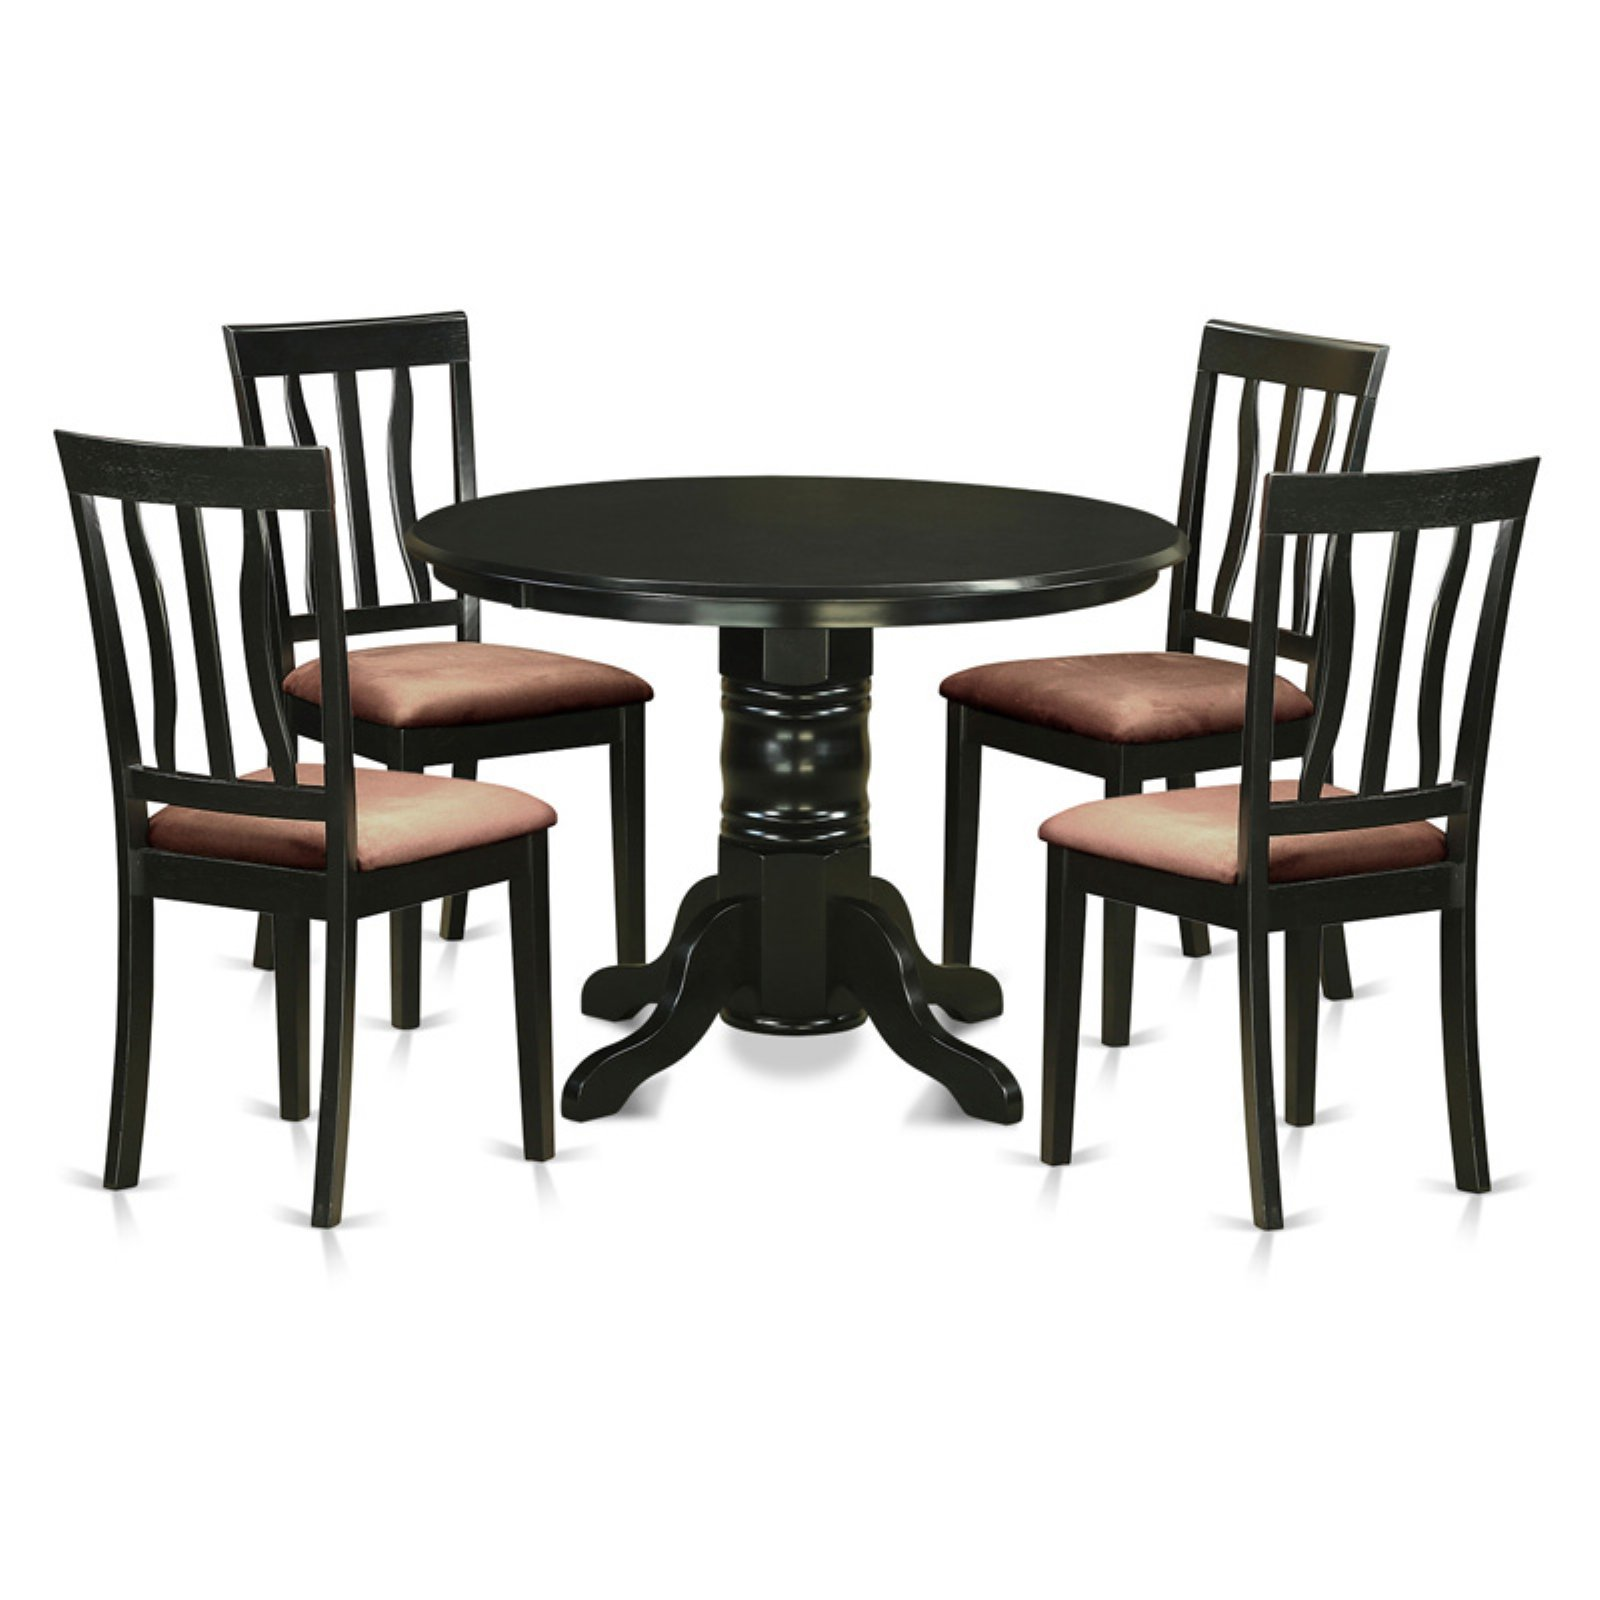 East West Furniture Shelton 5-Piece Splat Back Dining Table Set - SHAN5-BLK-C